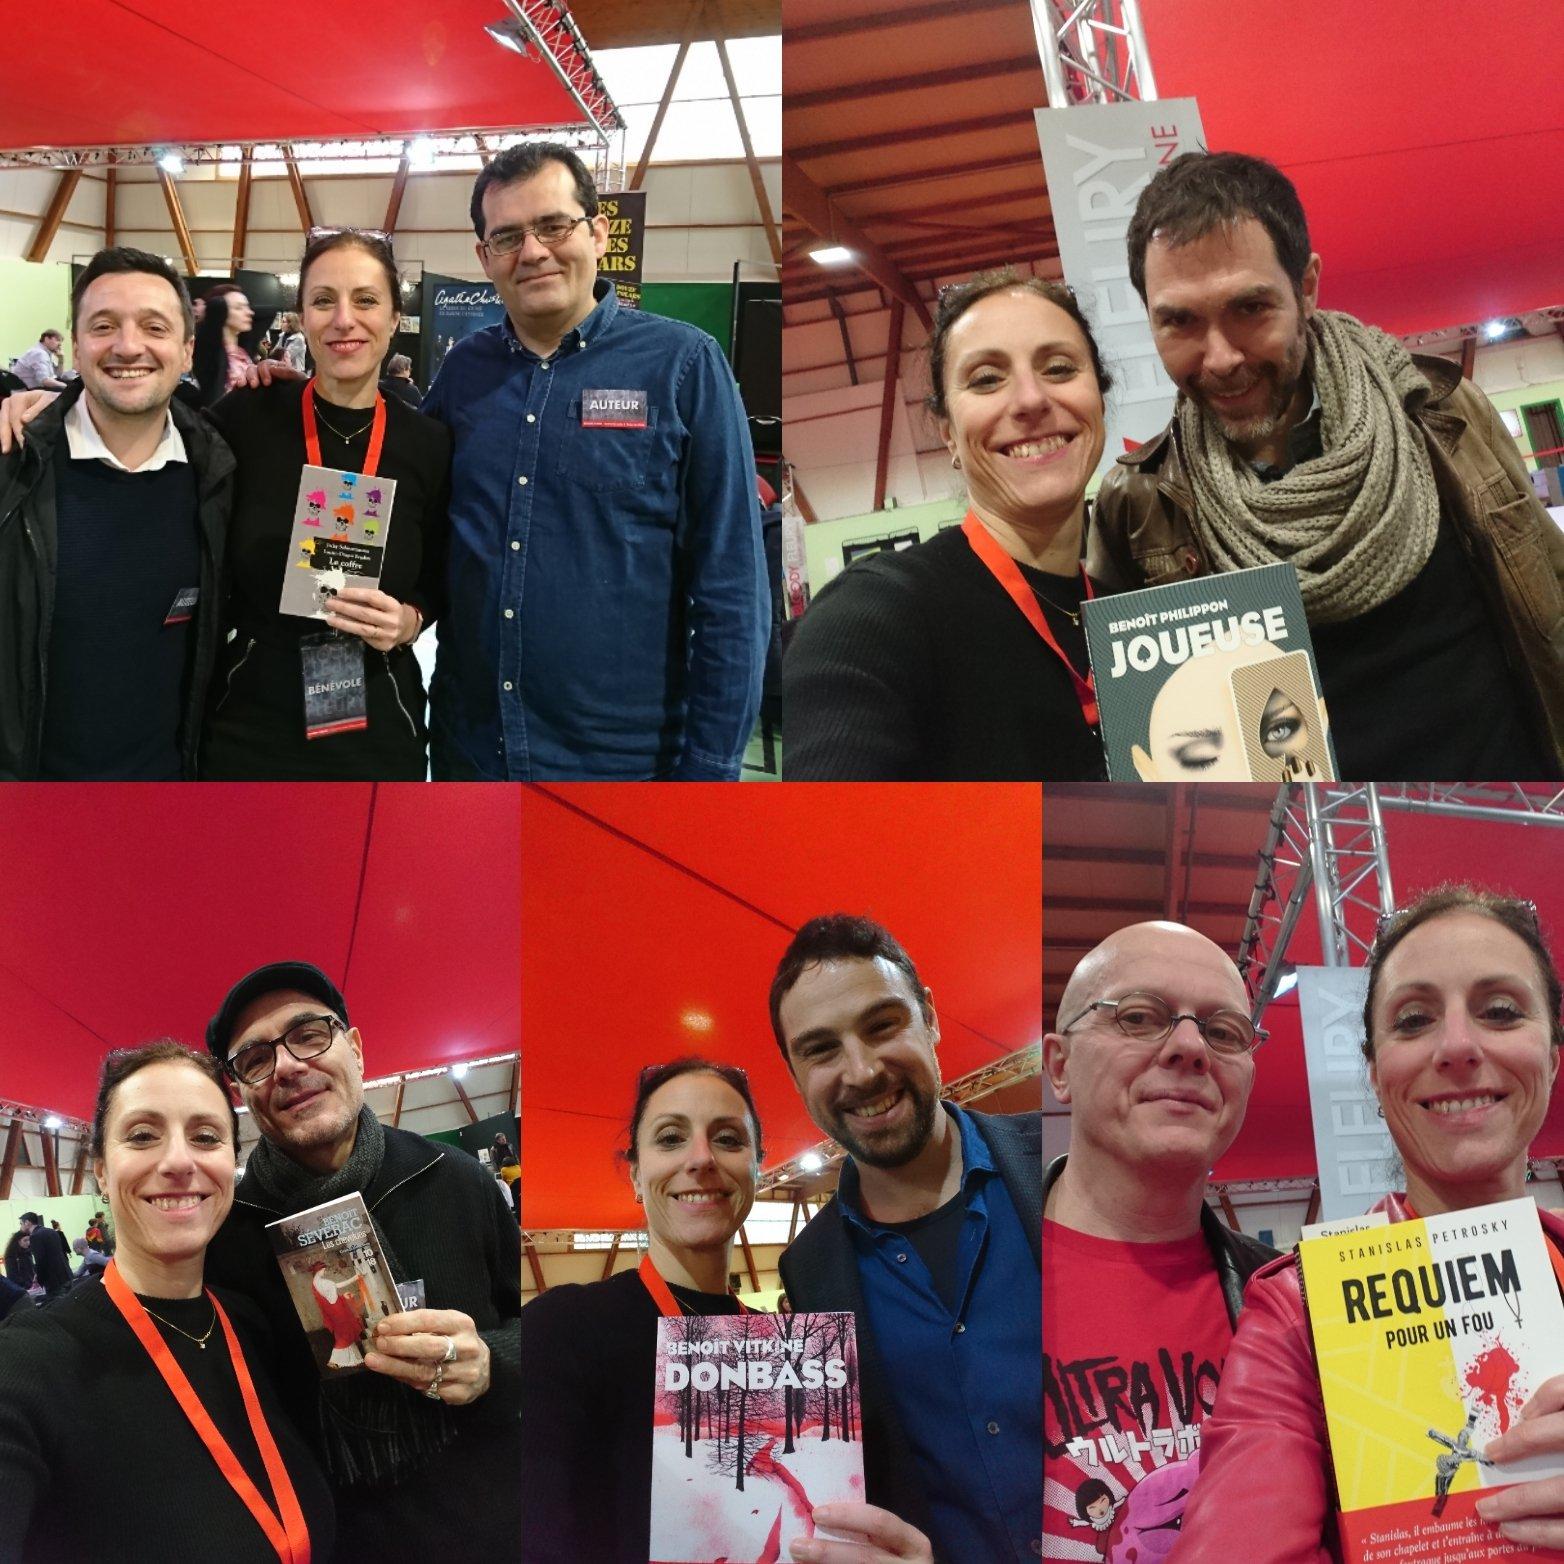 Avec Jacky Schwartzman, Lucian-Dragos Bogdan, Benoît Philippon, Benoît Severac, Benoît Vitkine (que de Benoîts cette année!) et Stanislas Petrovsky